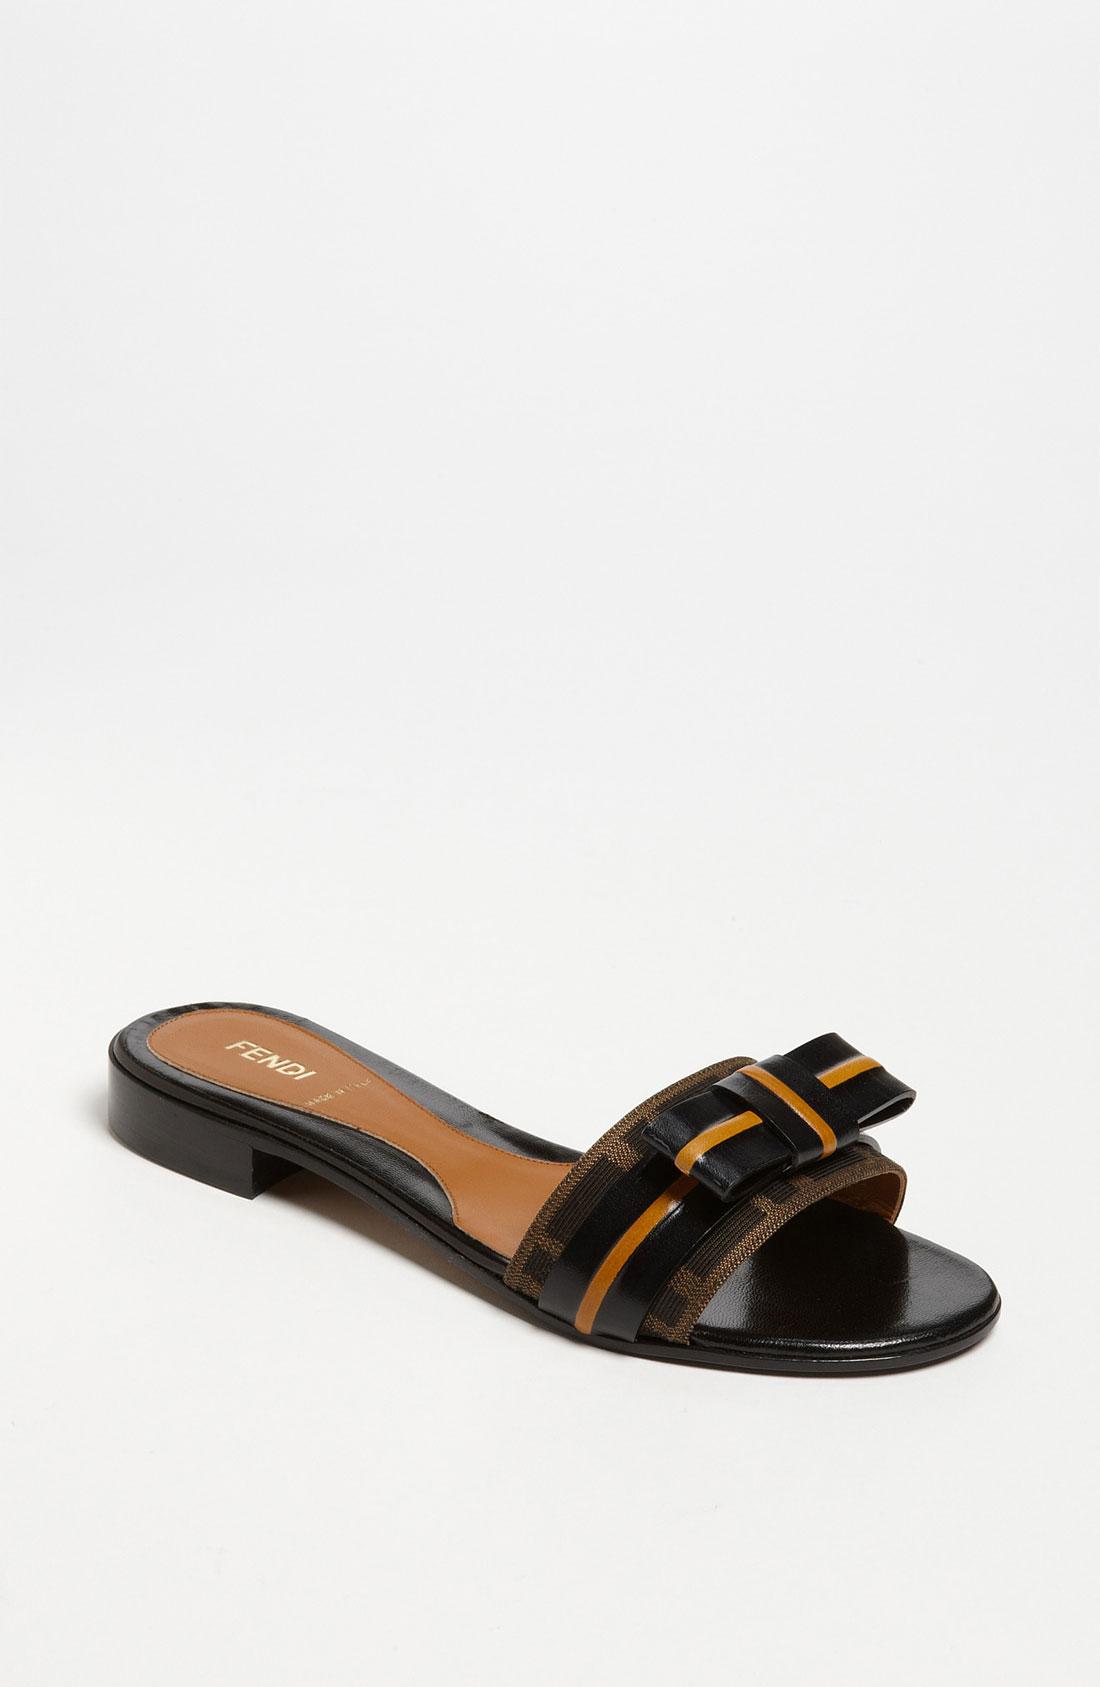 Fendi Pride Prejudice Bow Slide Sandal In Black Tobacco